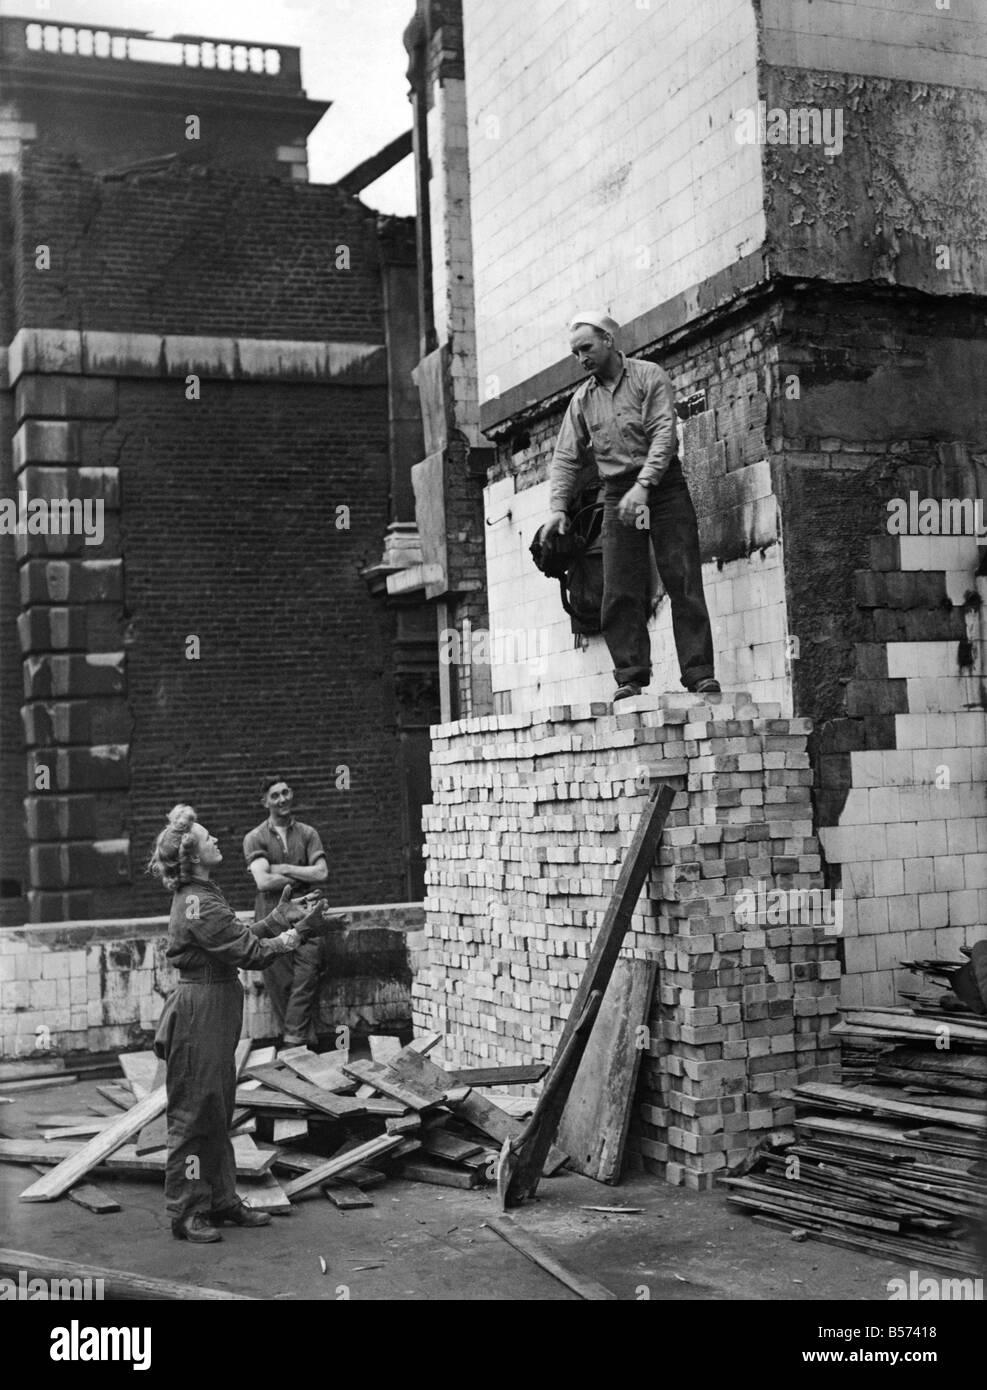 La II Guerra Mundial las mujeres: sólo 4ft. 11 ins en altura, Phyllis privado de la ATS, Lawrie trabaja al lado de británicos y norteamericanos Foto de stock